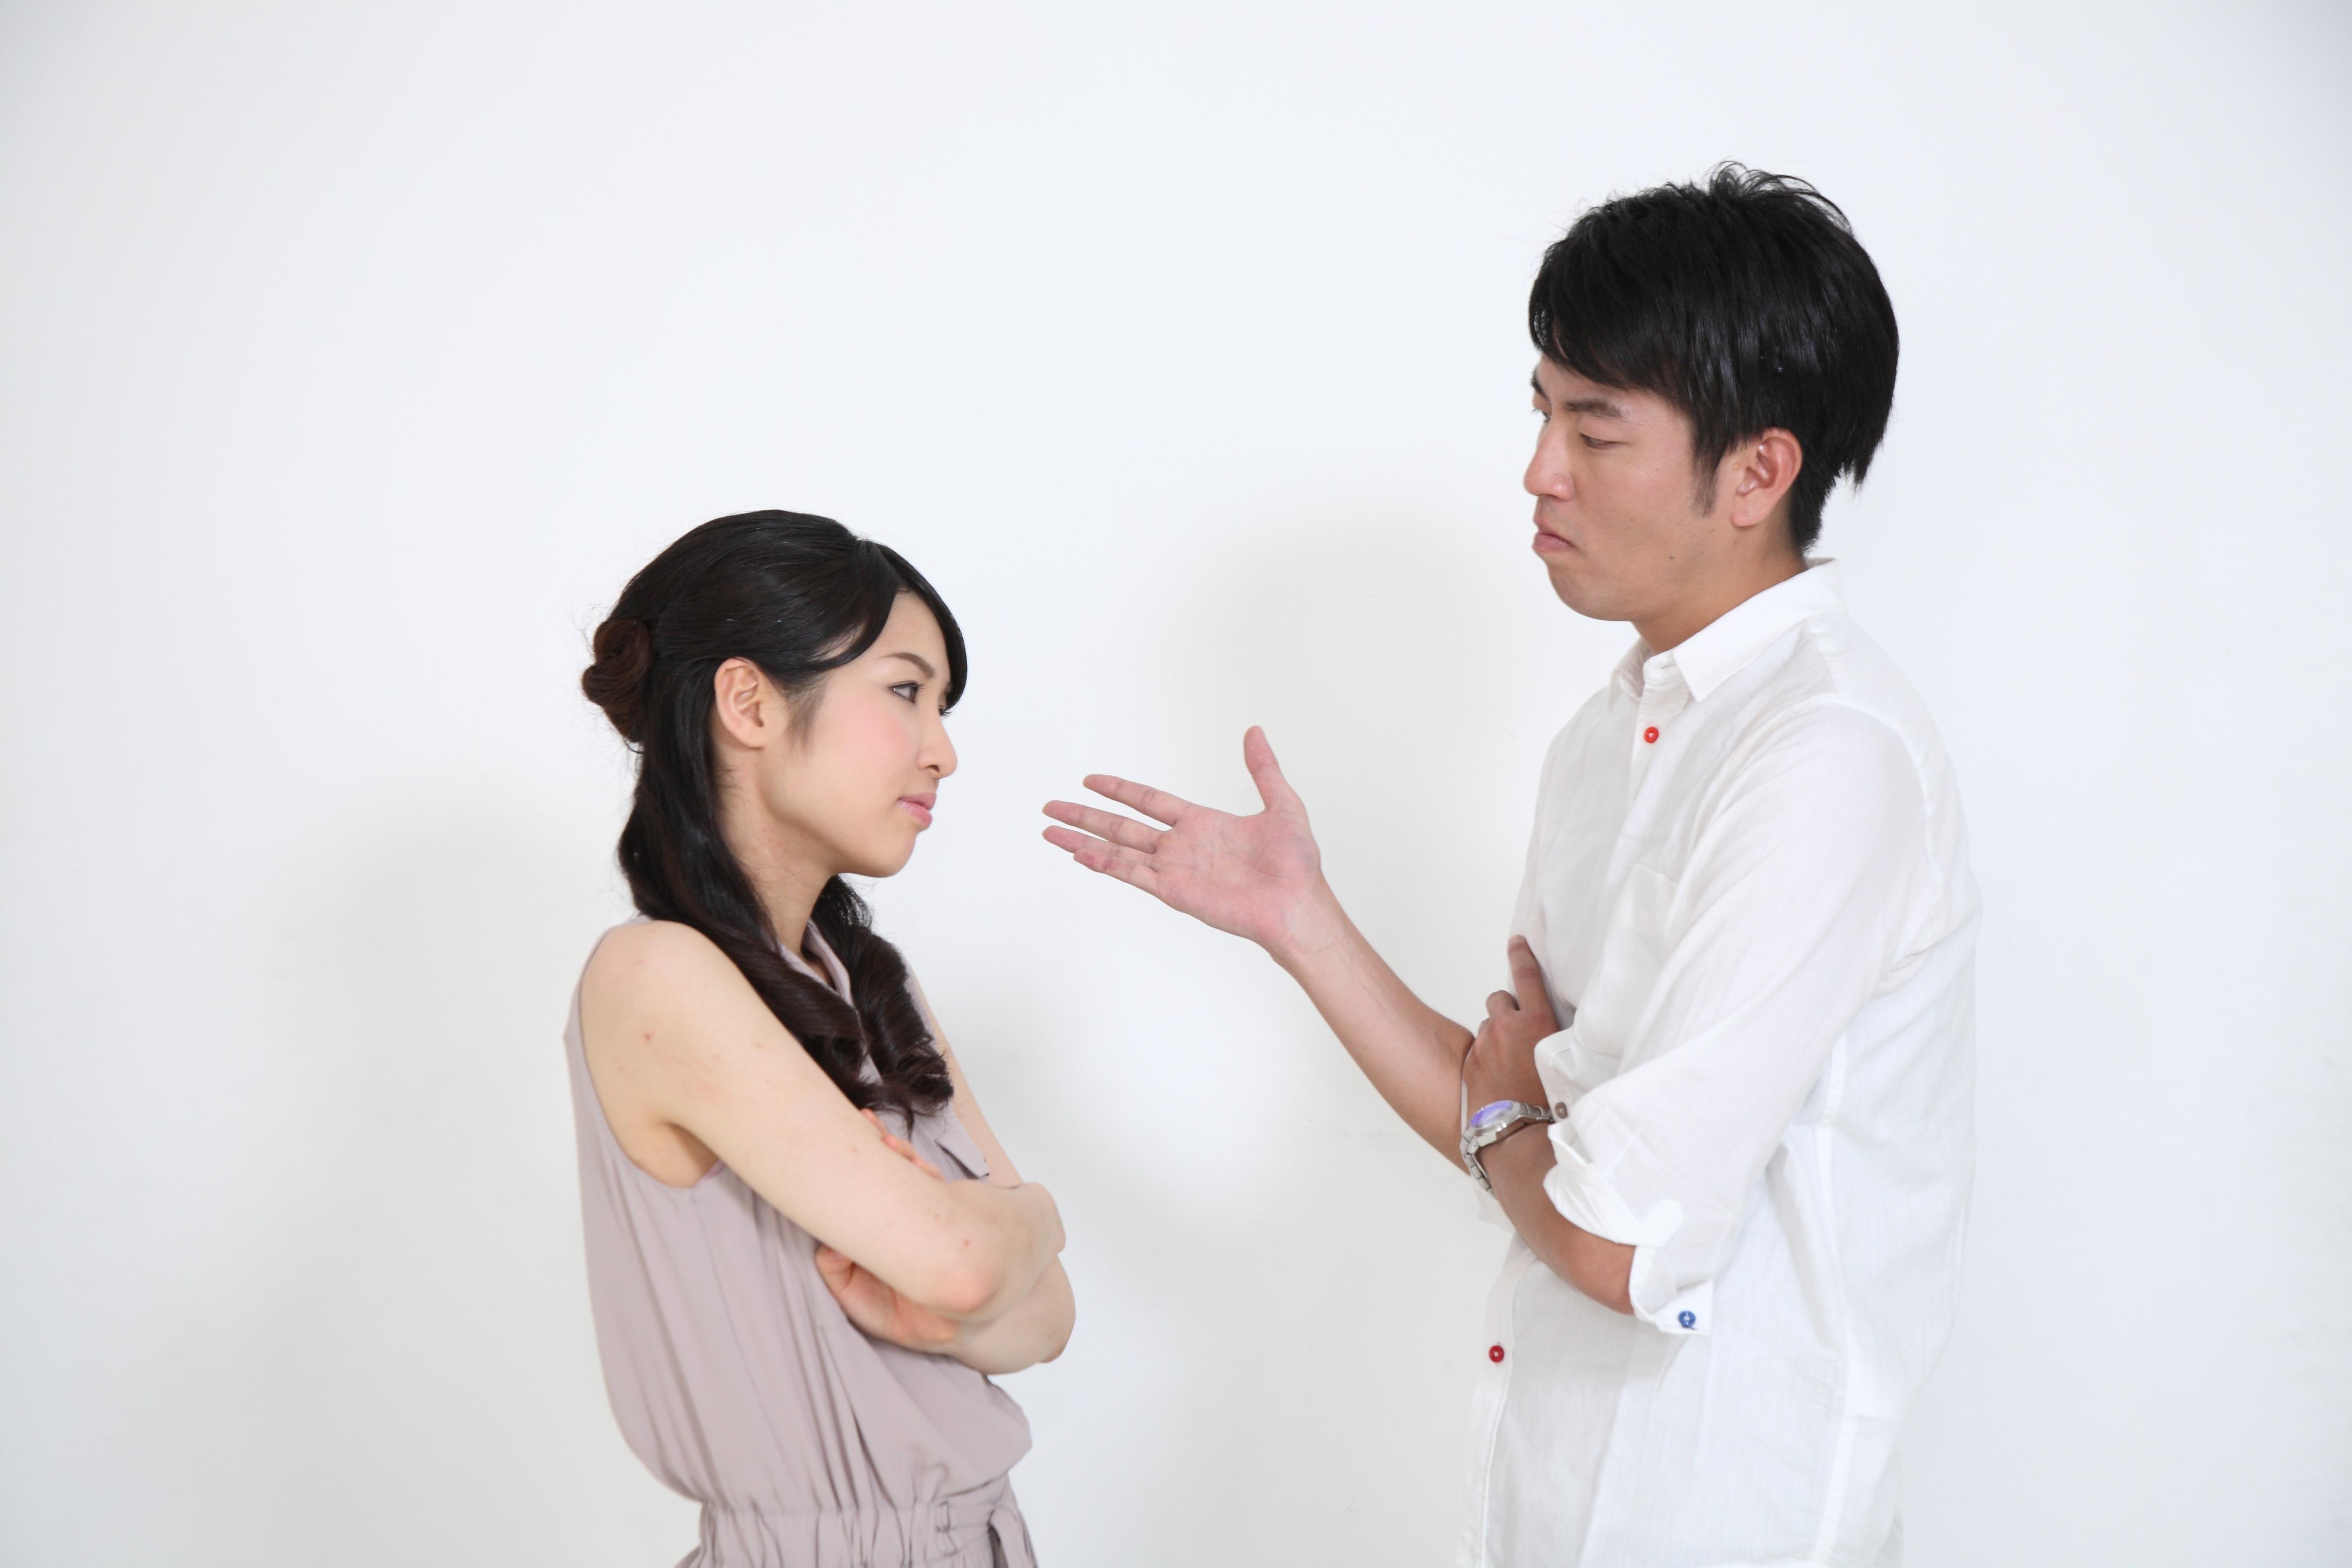 夫婦関係相談